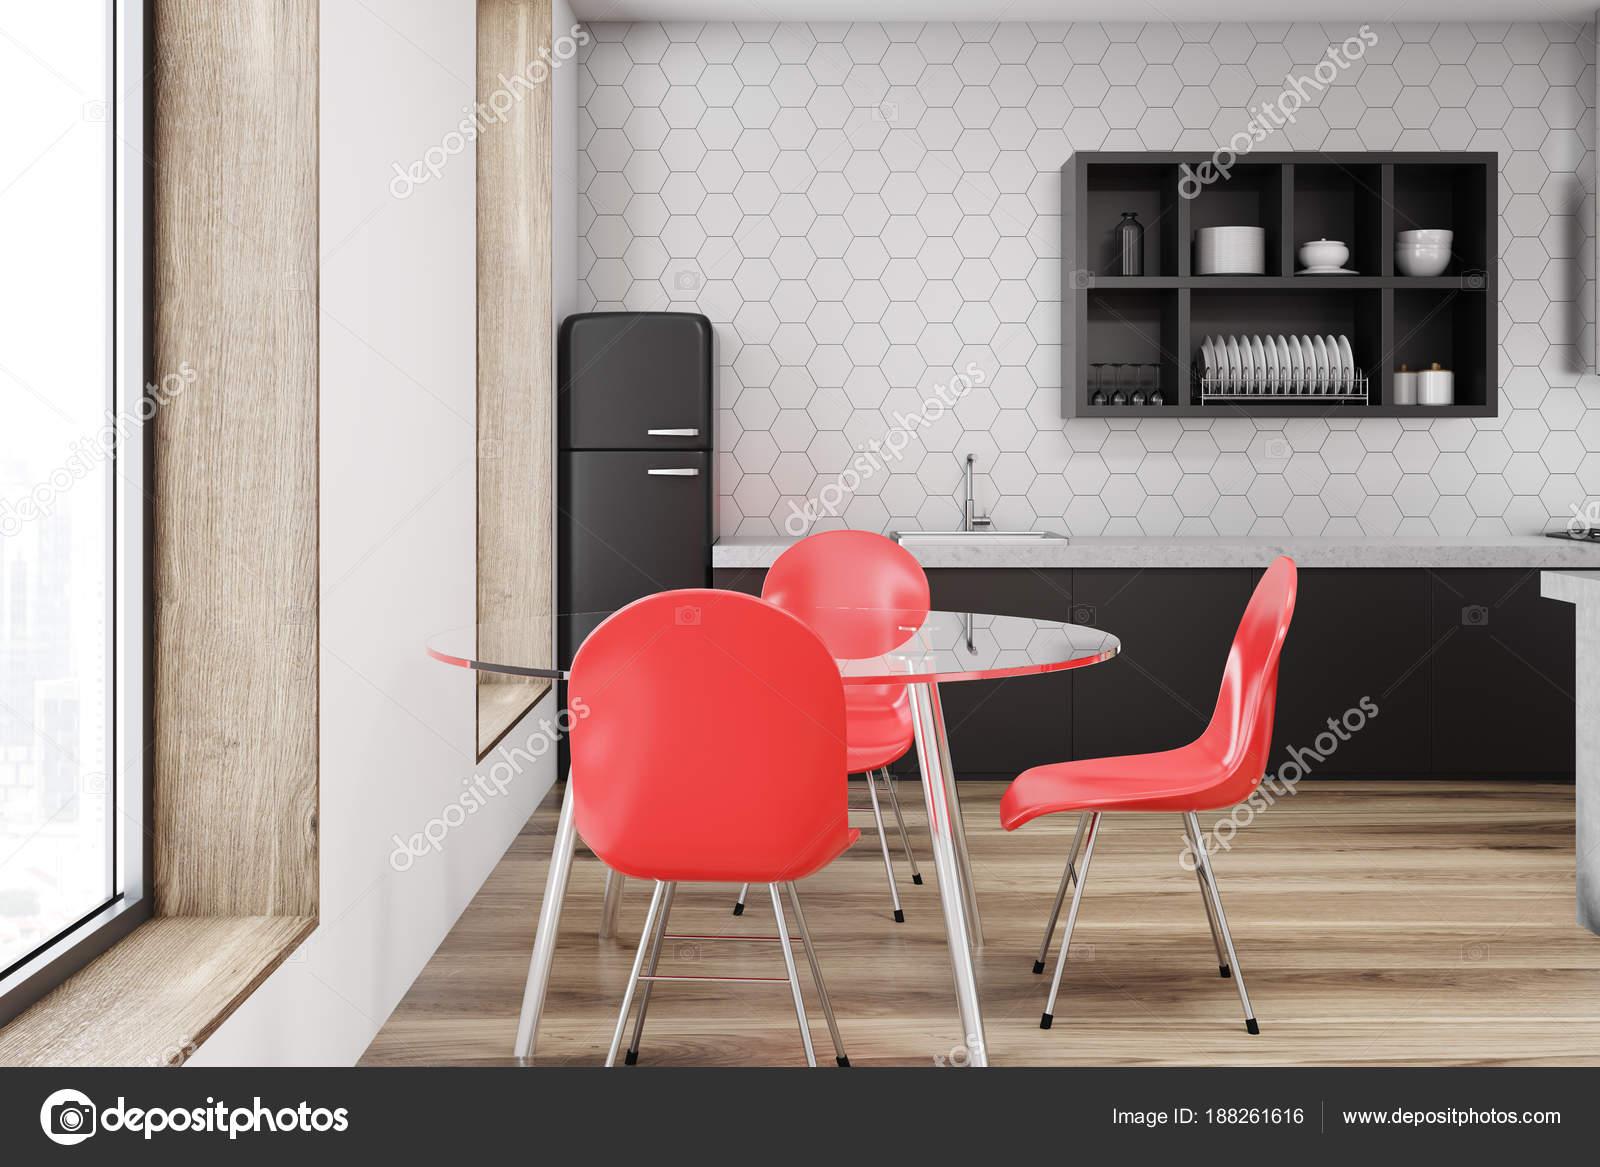 Sedie Rosse Da Cucina : Parete bianca interni della cucina sedia rossa u foto stock